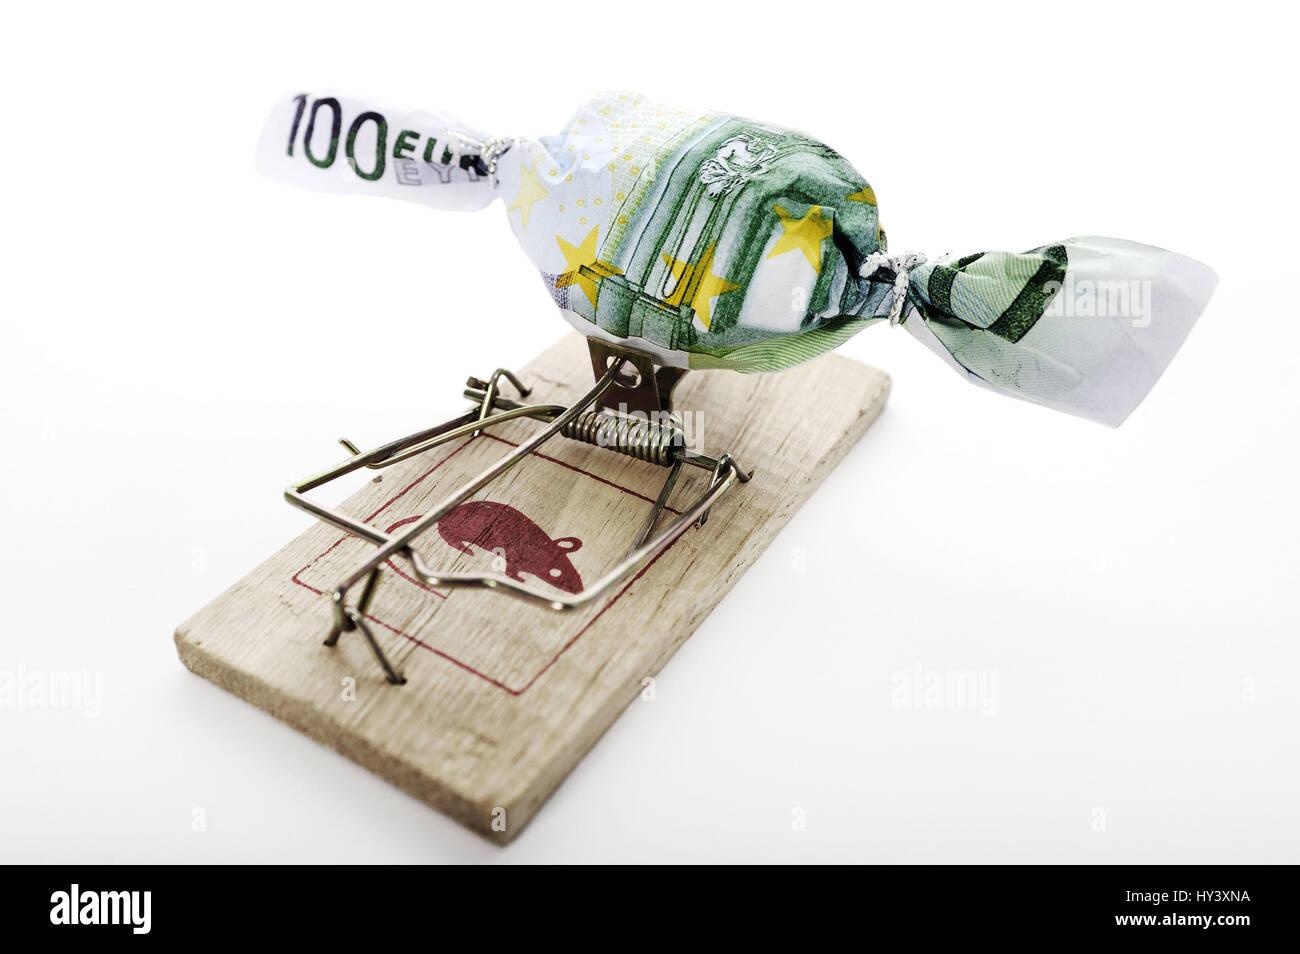 Sweet in Banknote undeutlich auf Mausefalle, symbolische Foto Schulden Case, Bonbon im Geldschein Eingewickelt Auf Mausefalle, Symbolfoto Schuldenfalle Stockfoto